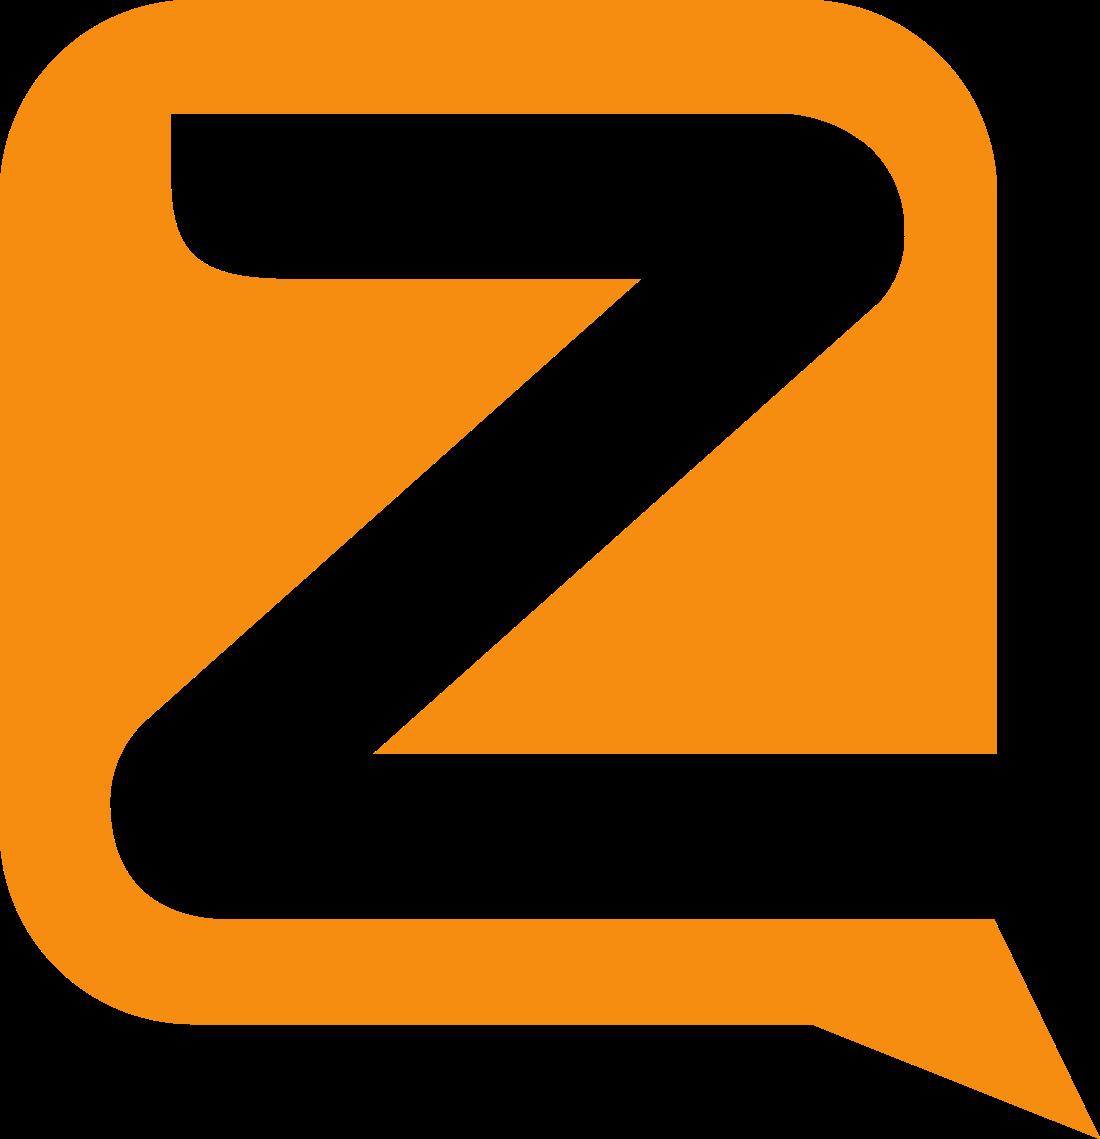 zello logo 7 - Zello Logo